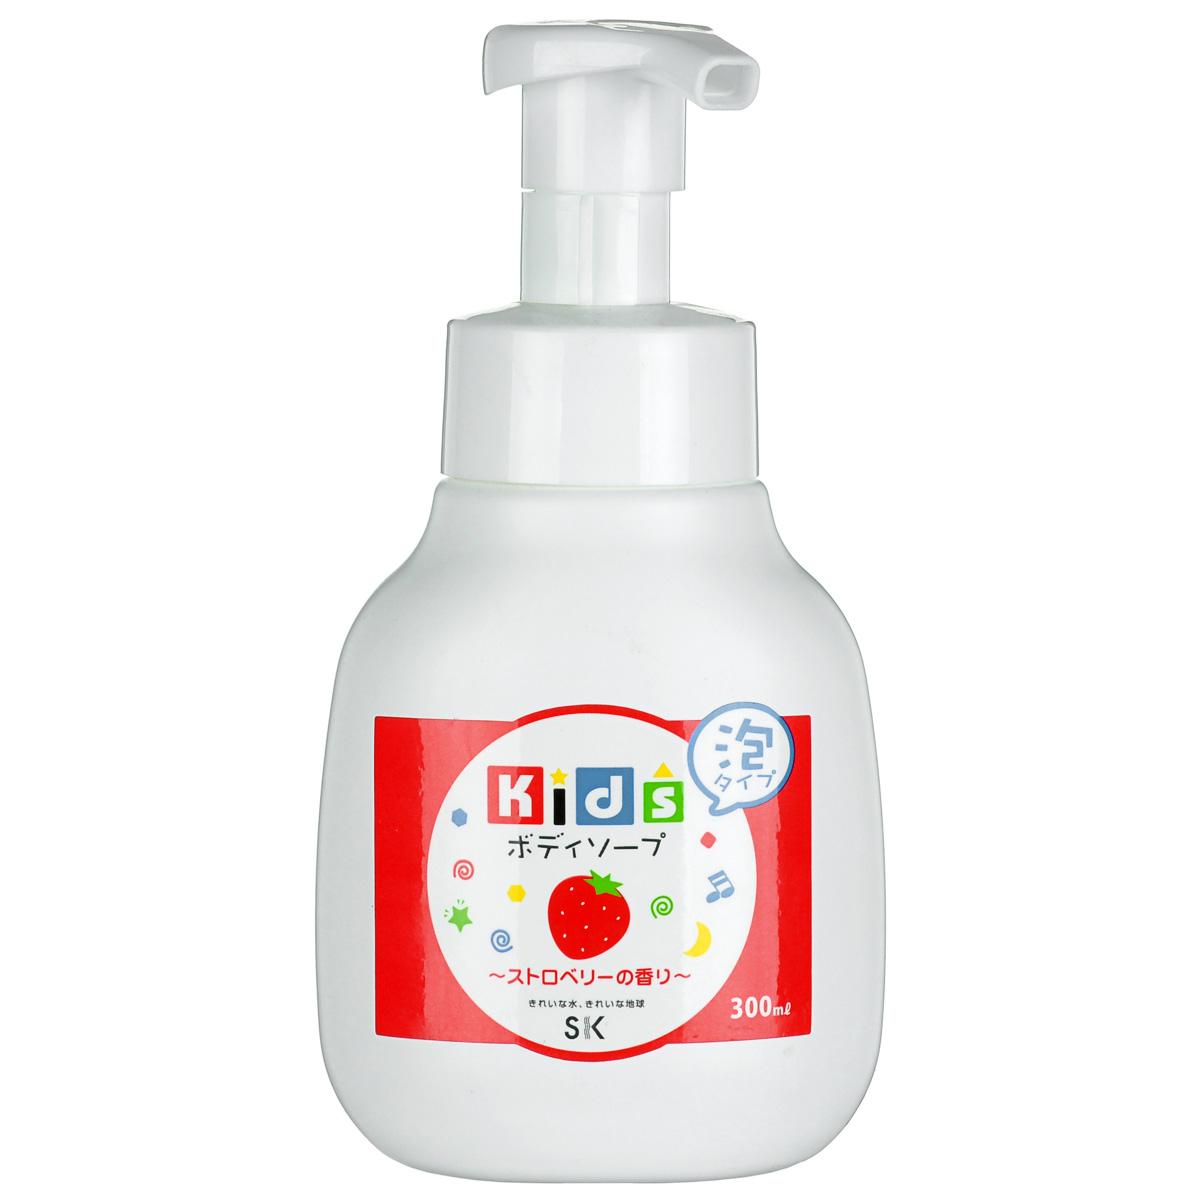 SK Kids Детское пенное мыло для тела с ароматом клубники, 300 мл1341106Воздушное детское пенное мыло порадует вашего малыша сочным ароматом клубники и мыльными пузырьками! Очищает детскую кожу и обеспечивает полноценный уход за ней. Средство абсолютно безопасно. Экстракт клубники, в составе пенки, увлажнит и окажет противовоспалительное действие на нежную кожу. Не содержит ПАВ, искусственных красителей, ароматизаторов, антиоксидантов, поэтому мыло необходимо хранить в местах, защищенных от прямых солнечных лучей, высокой температуры и влажности. Проверено дерматологами.